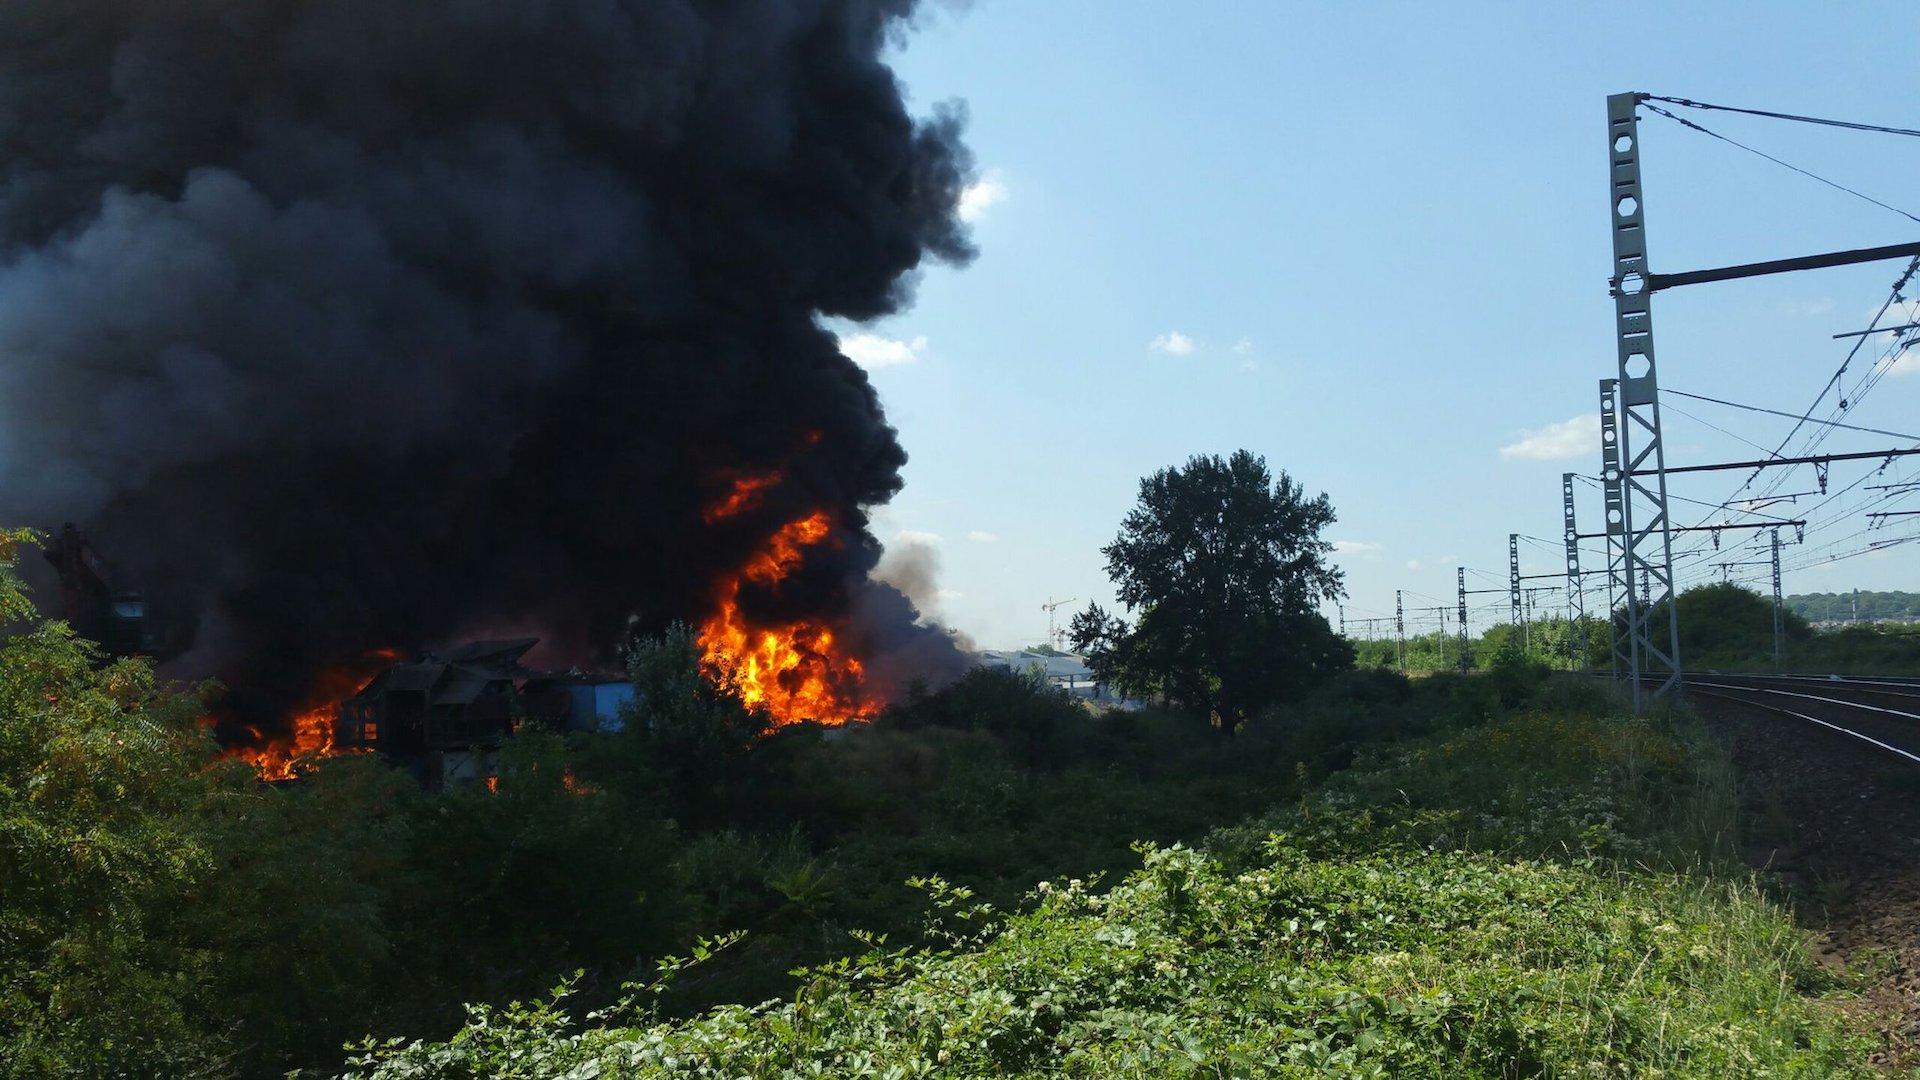 🇫🇷 Athis-Mons (91) : Un incendie ravage une usine de recyclage